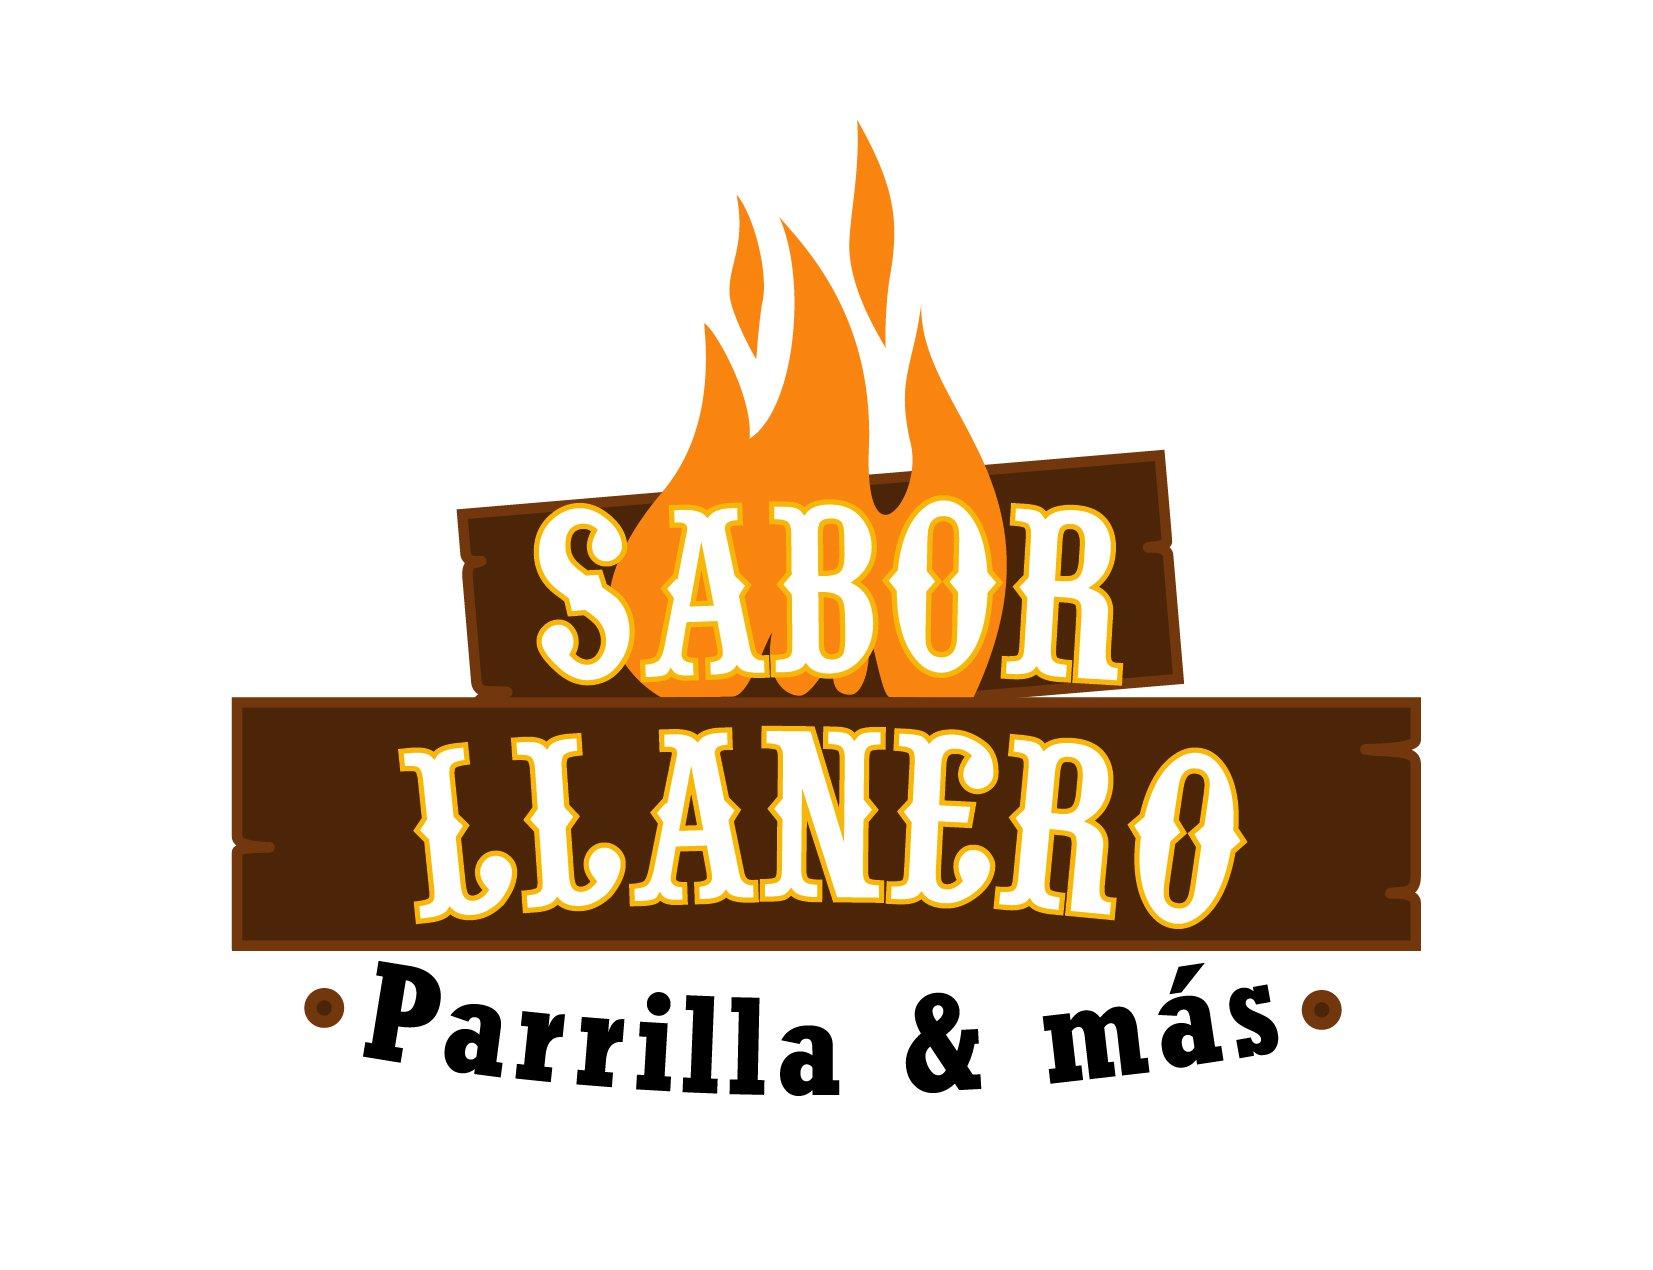 Sabor Llanero